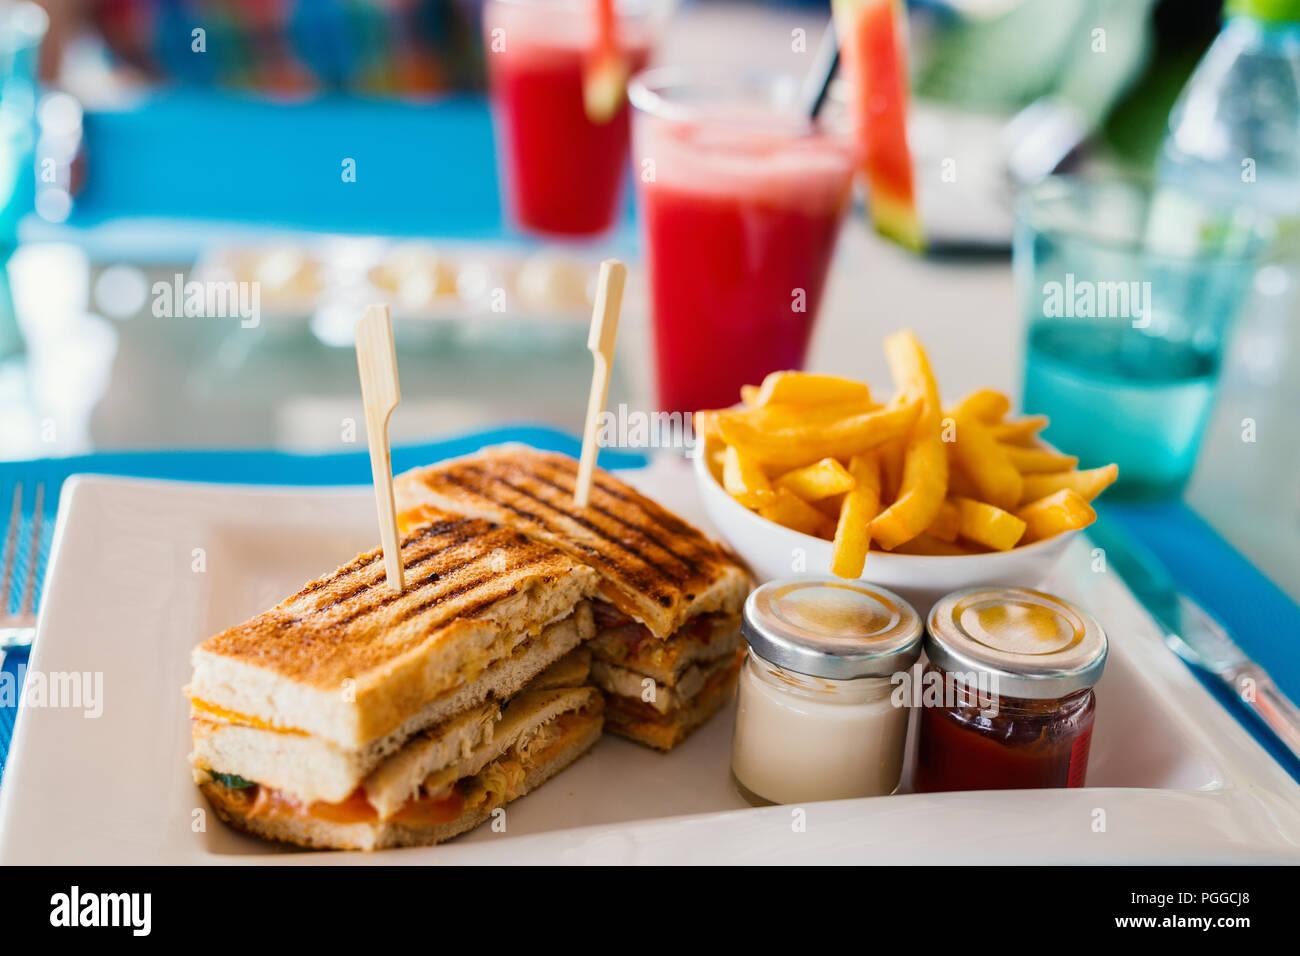 Frais et délicieux sandwich au poulet frites pour le déjeuner Photo Stock